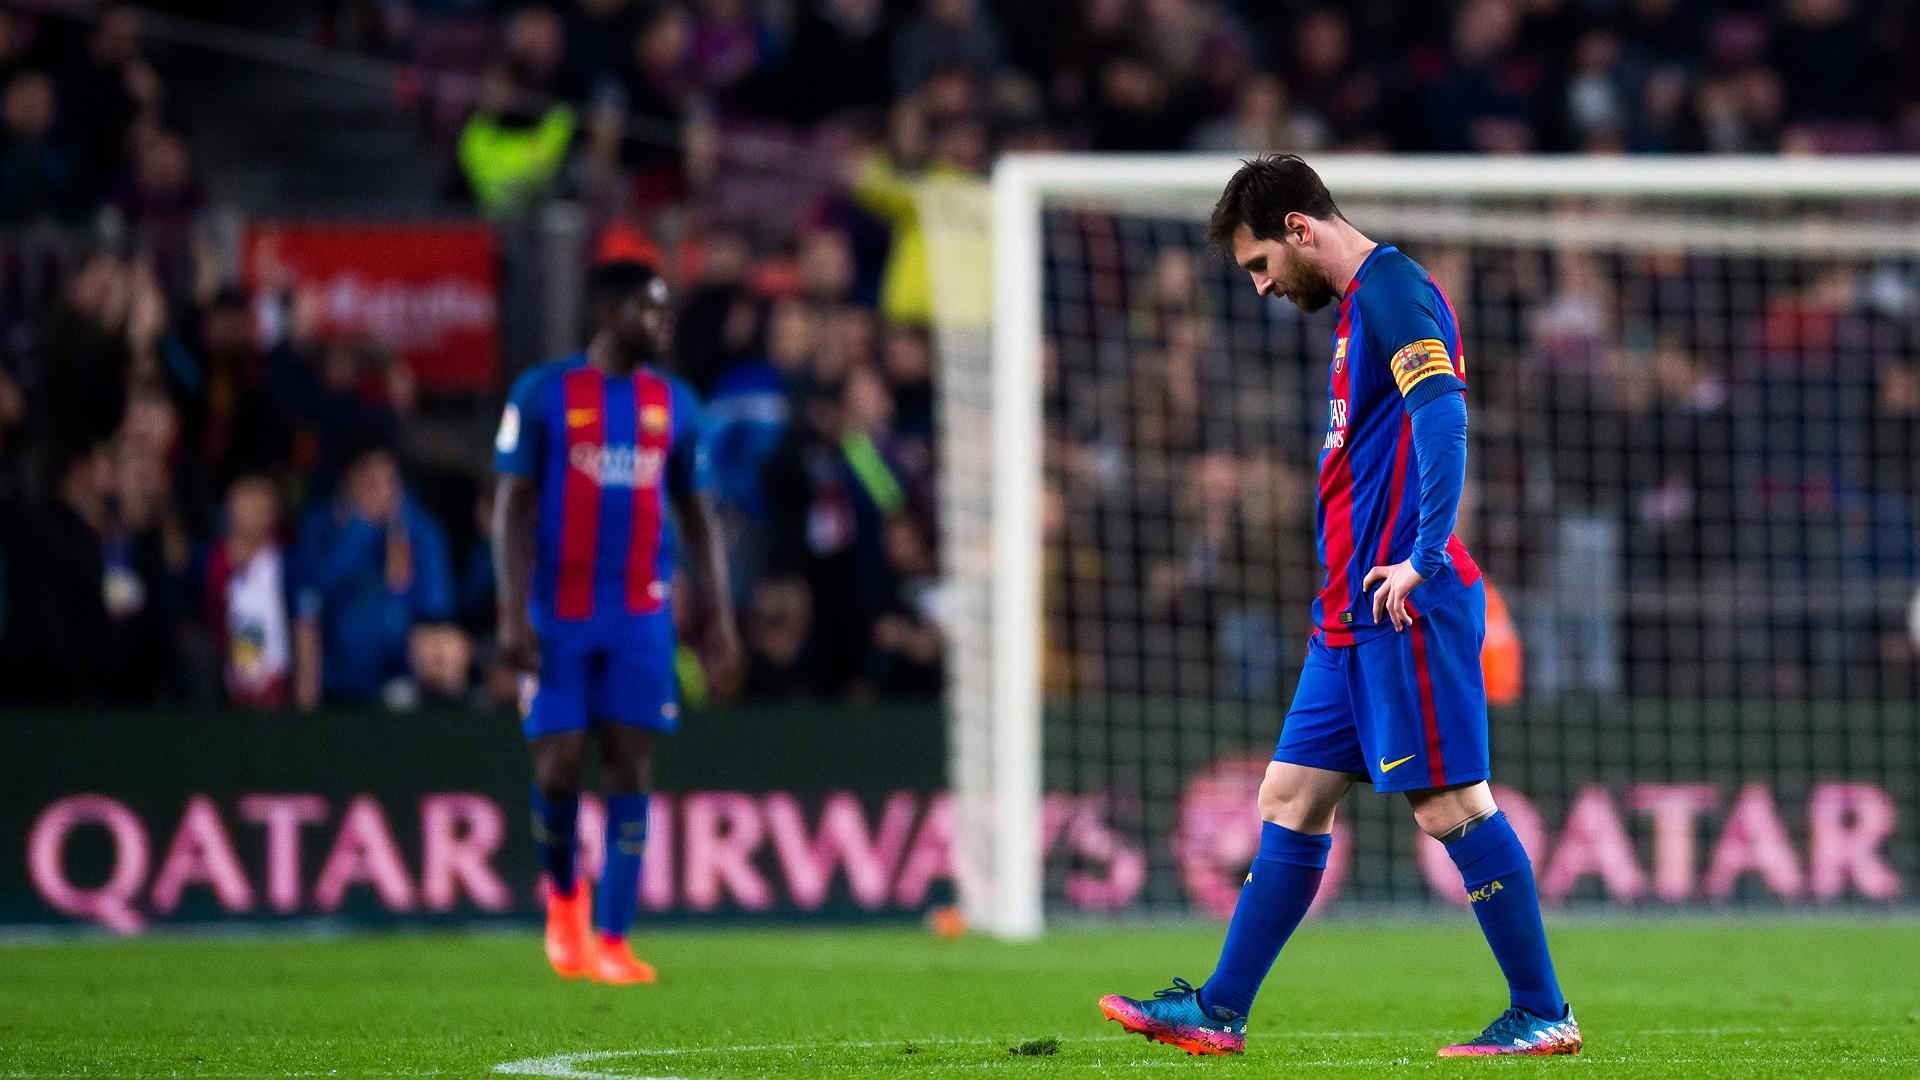 Nhớ Neymar, Messi chưa chịu gia hạn hợp đồng với Barca - Bóng Đá